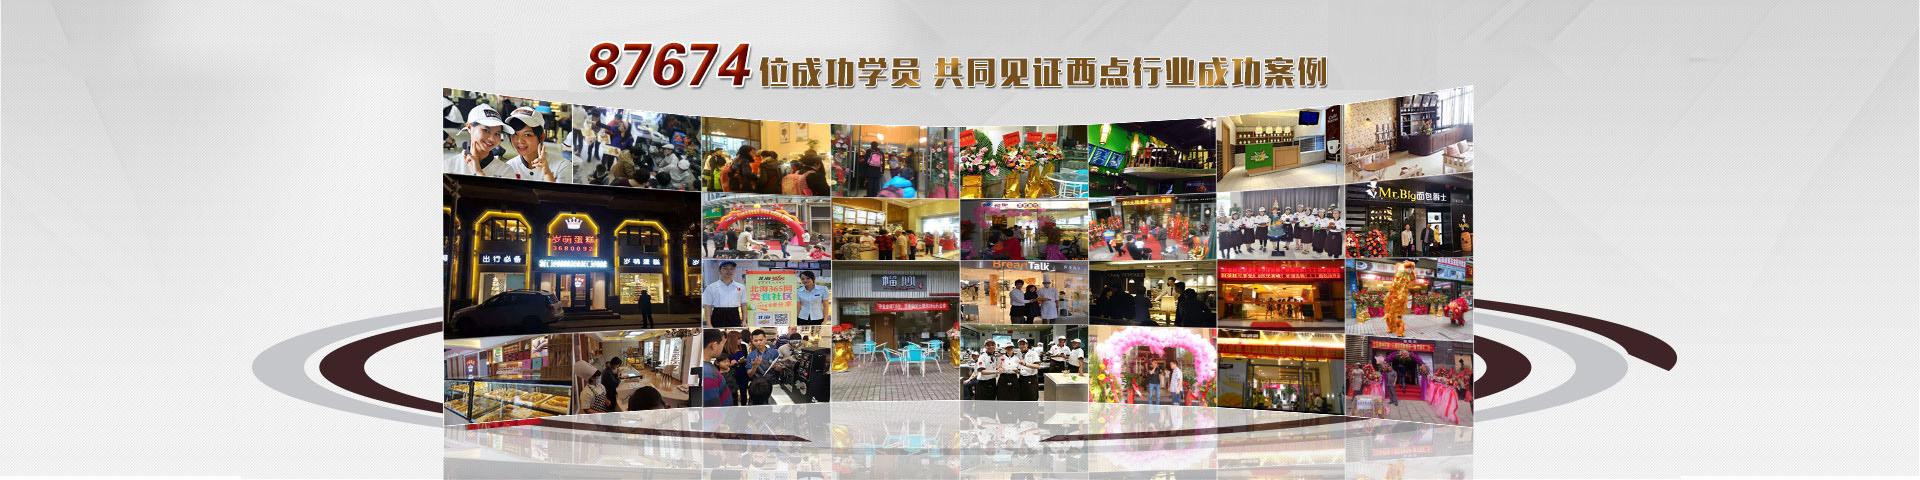 中国烘焙培训示范学校